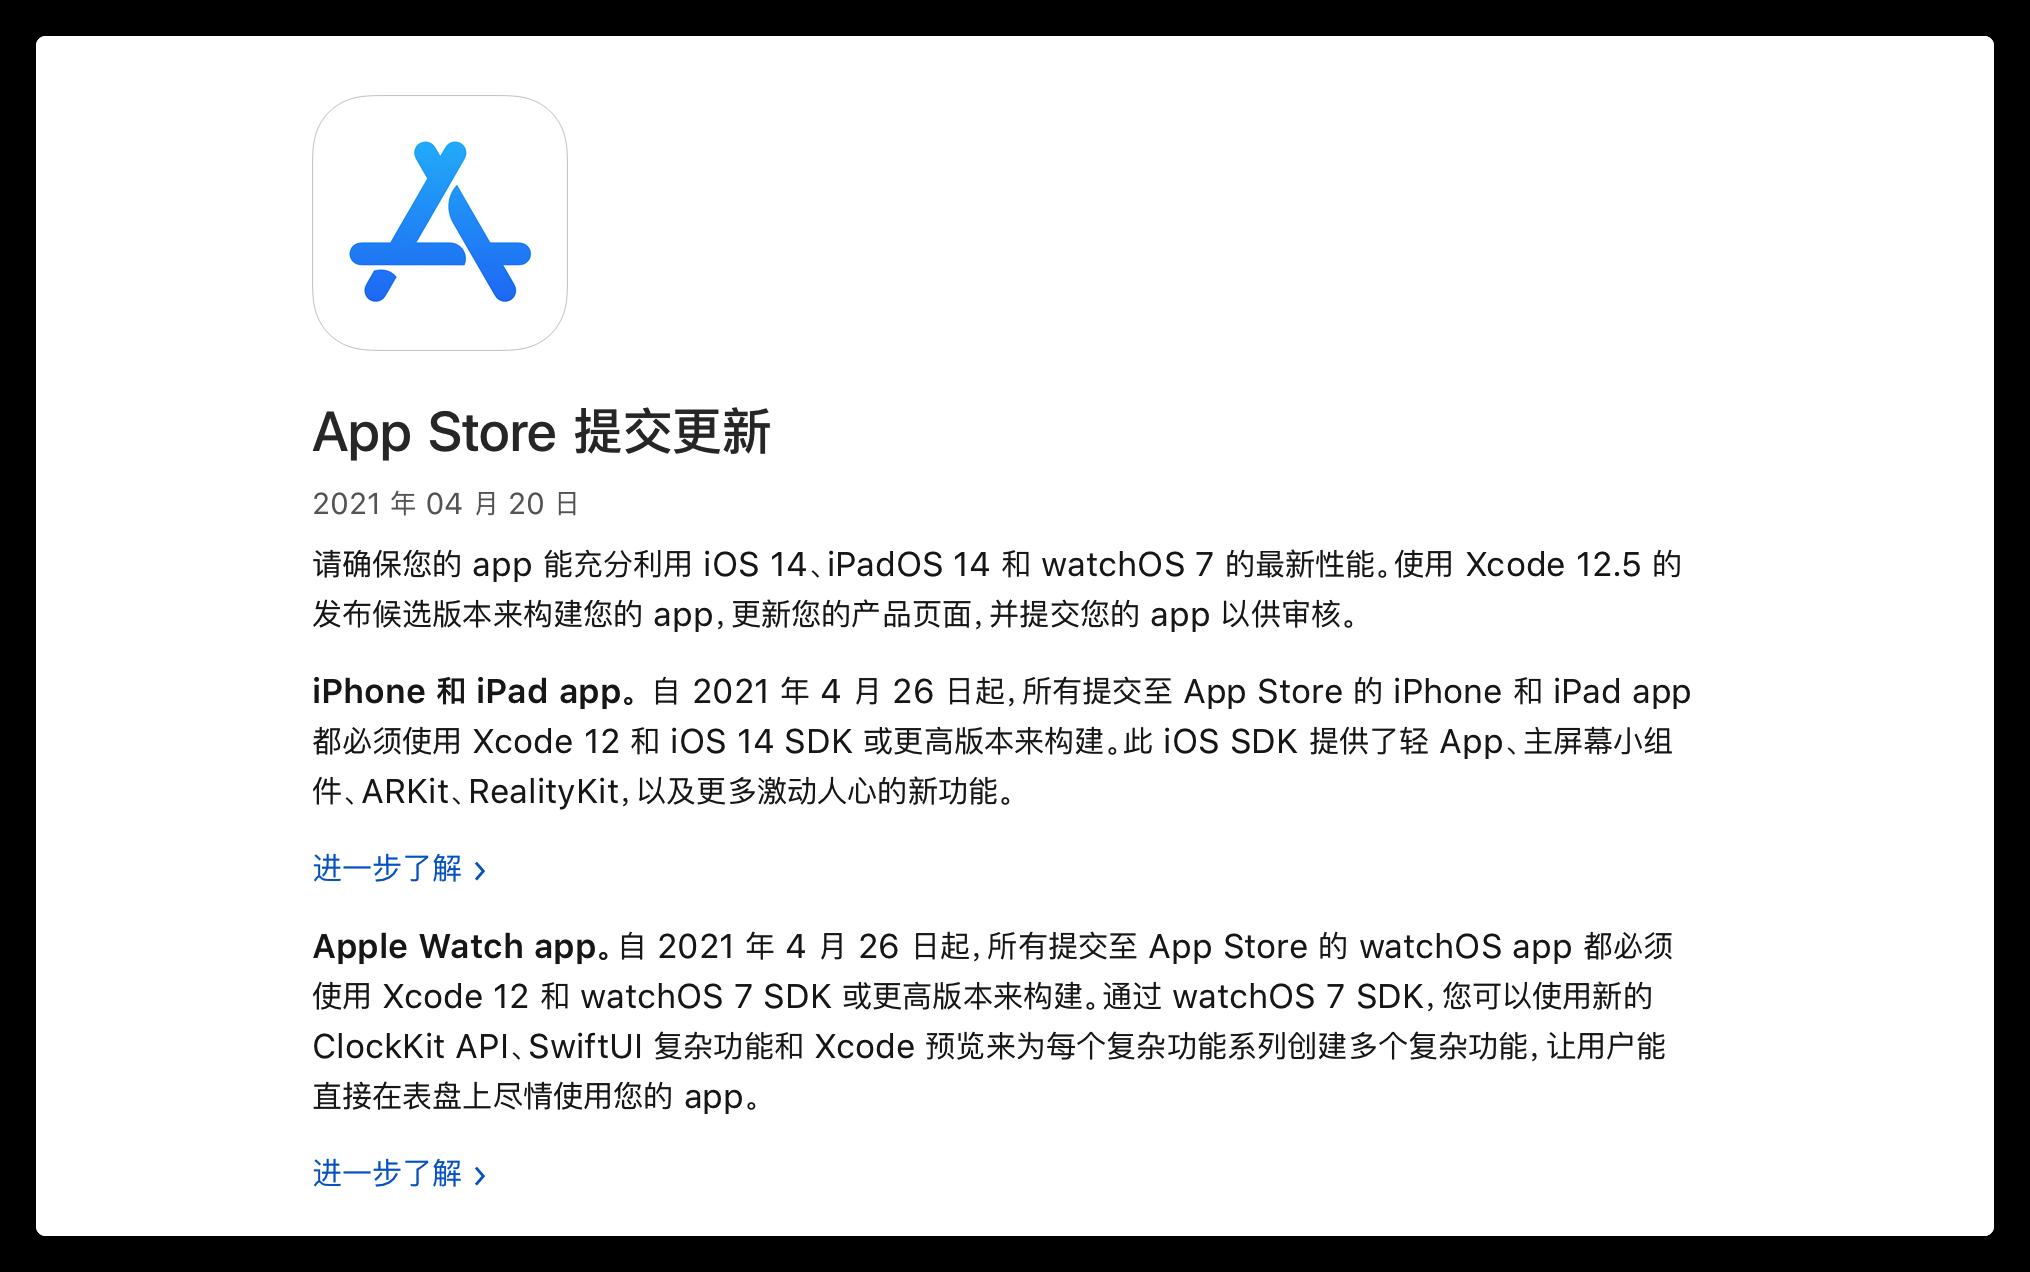 最新:2021年04月26日期,App Store 提交APP强制XcodeXcode 12 和 iOS 14 SDK